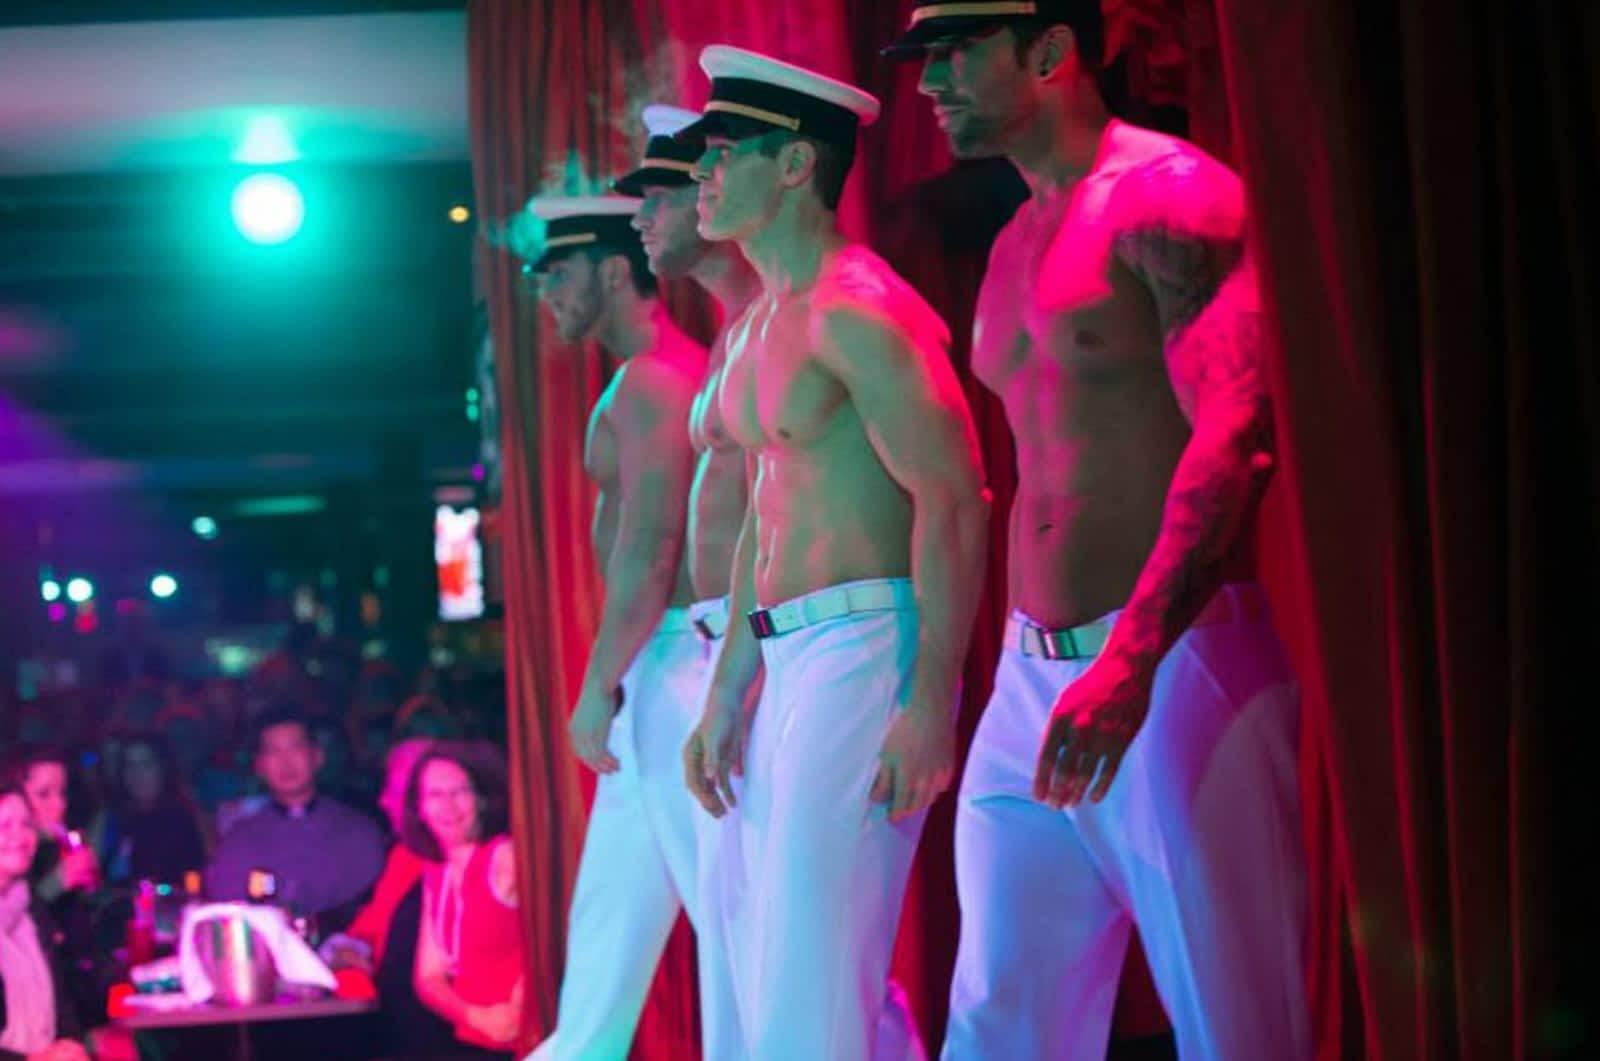 Le bar de danseurs Le 281 va fermer ses portes en septembre à Montréal